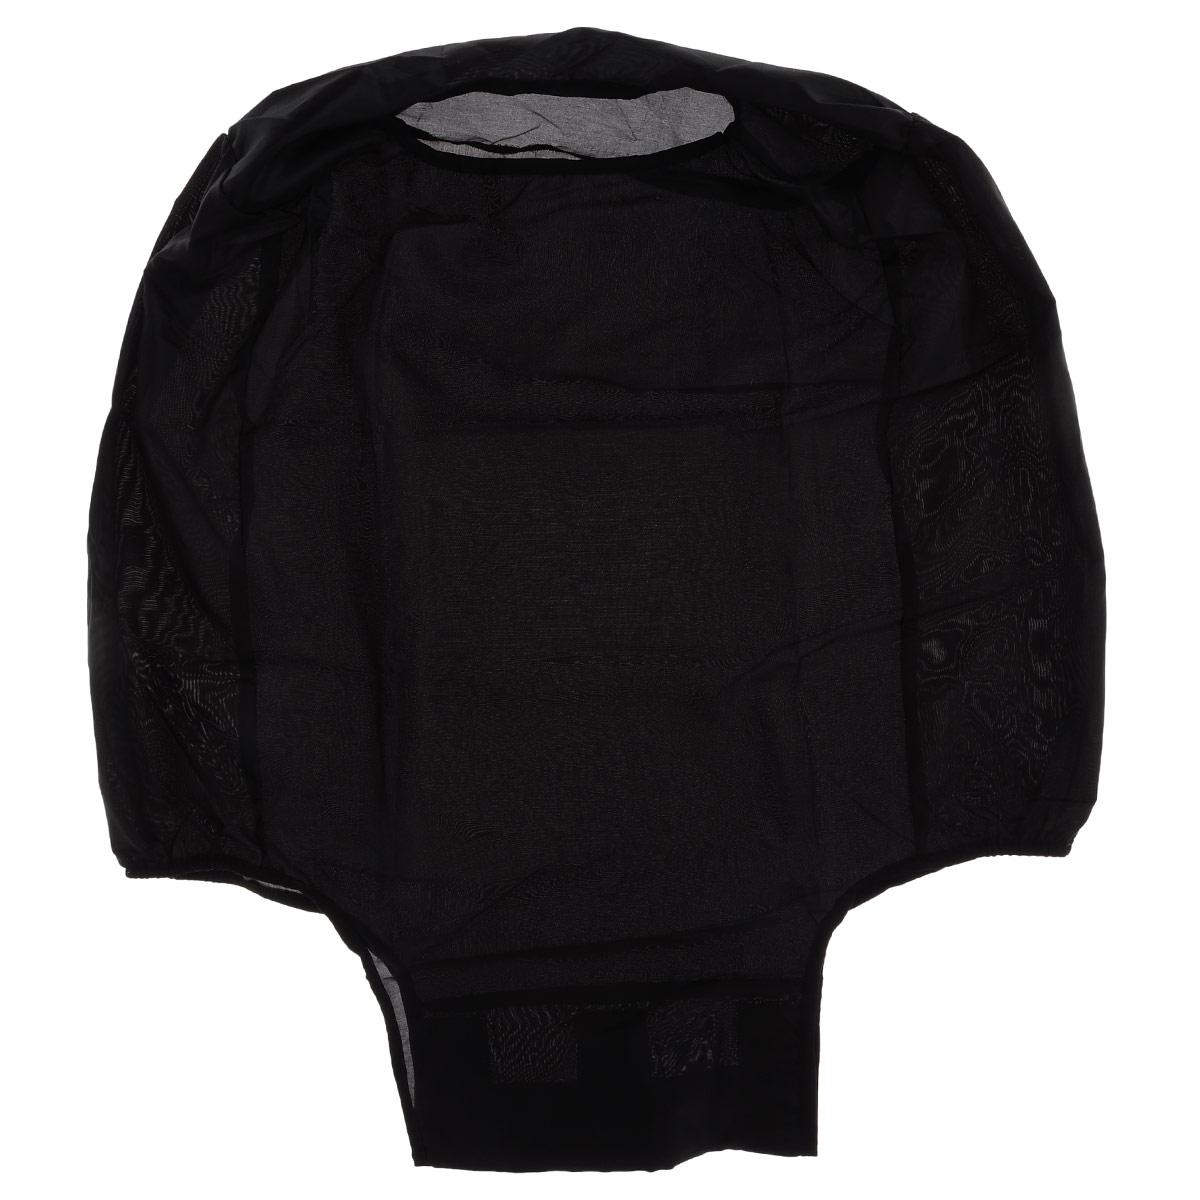 Чехол защитный для чемодана Eva, цвет: черный, 62 см х 42 см х 28 смК44Защитный чехол для чемодана Eva выполнен из водоотталкивающего материала - полиэстера. Чехол легко надевается и фиксируется при помощи липучек. Регулируется по высоте и степени наполненности. Чехол защитит ваш багаж от загрязнений, царапин и несанкционированного доступа, а также значительно продлит срок службы вашего чемодана. Размер чехла: 62 см х 42 см х 28 см.